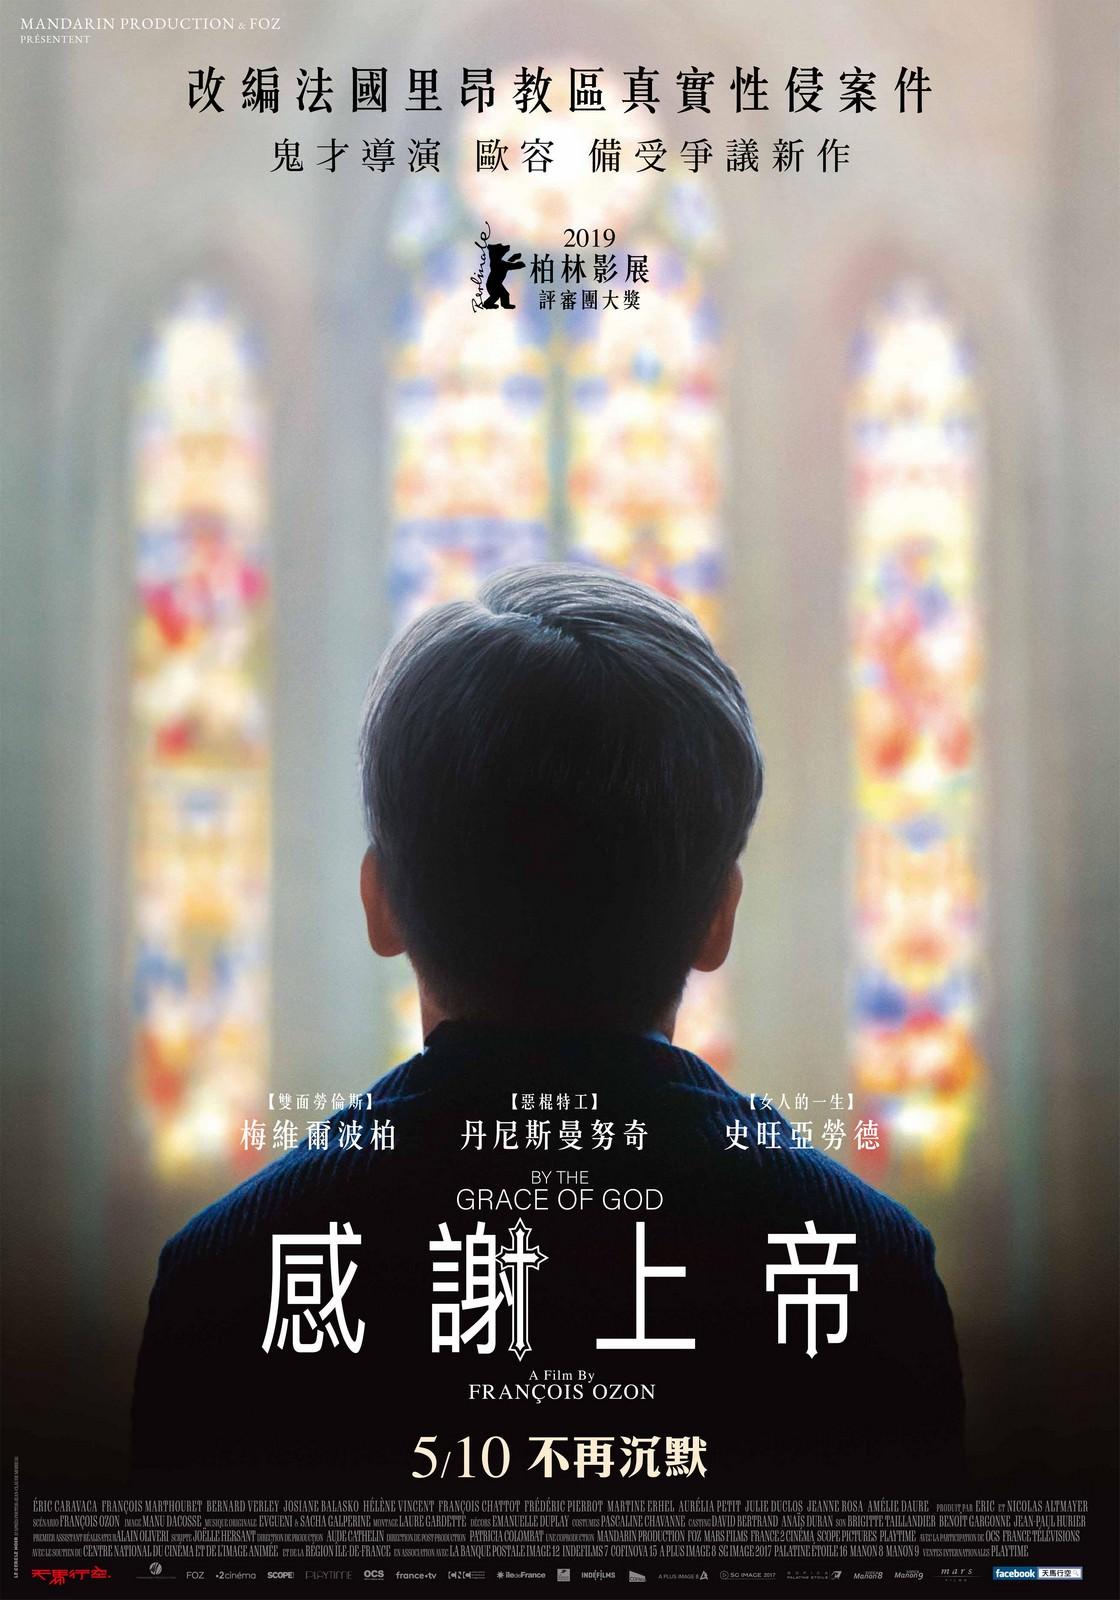 Movie, 感謝上帝 / Grâce à Dieu(法國, 2018年) / 以恩寵之名(香港) / By the Grace of God(英文), 電影海報, 台灣